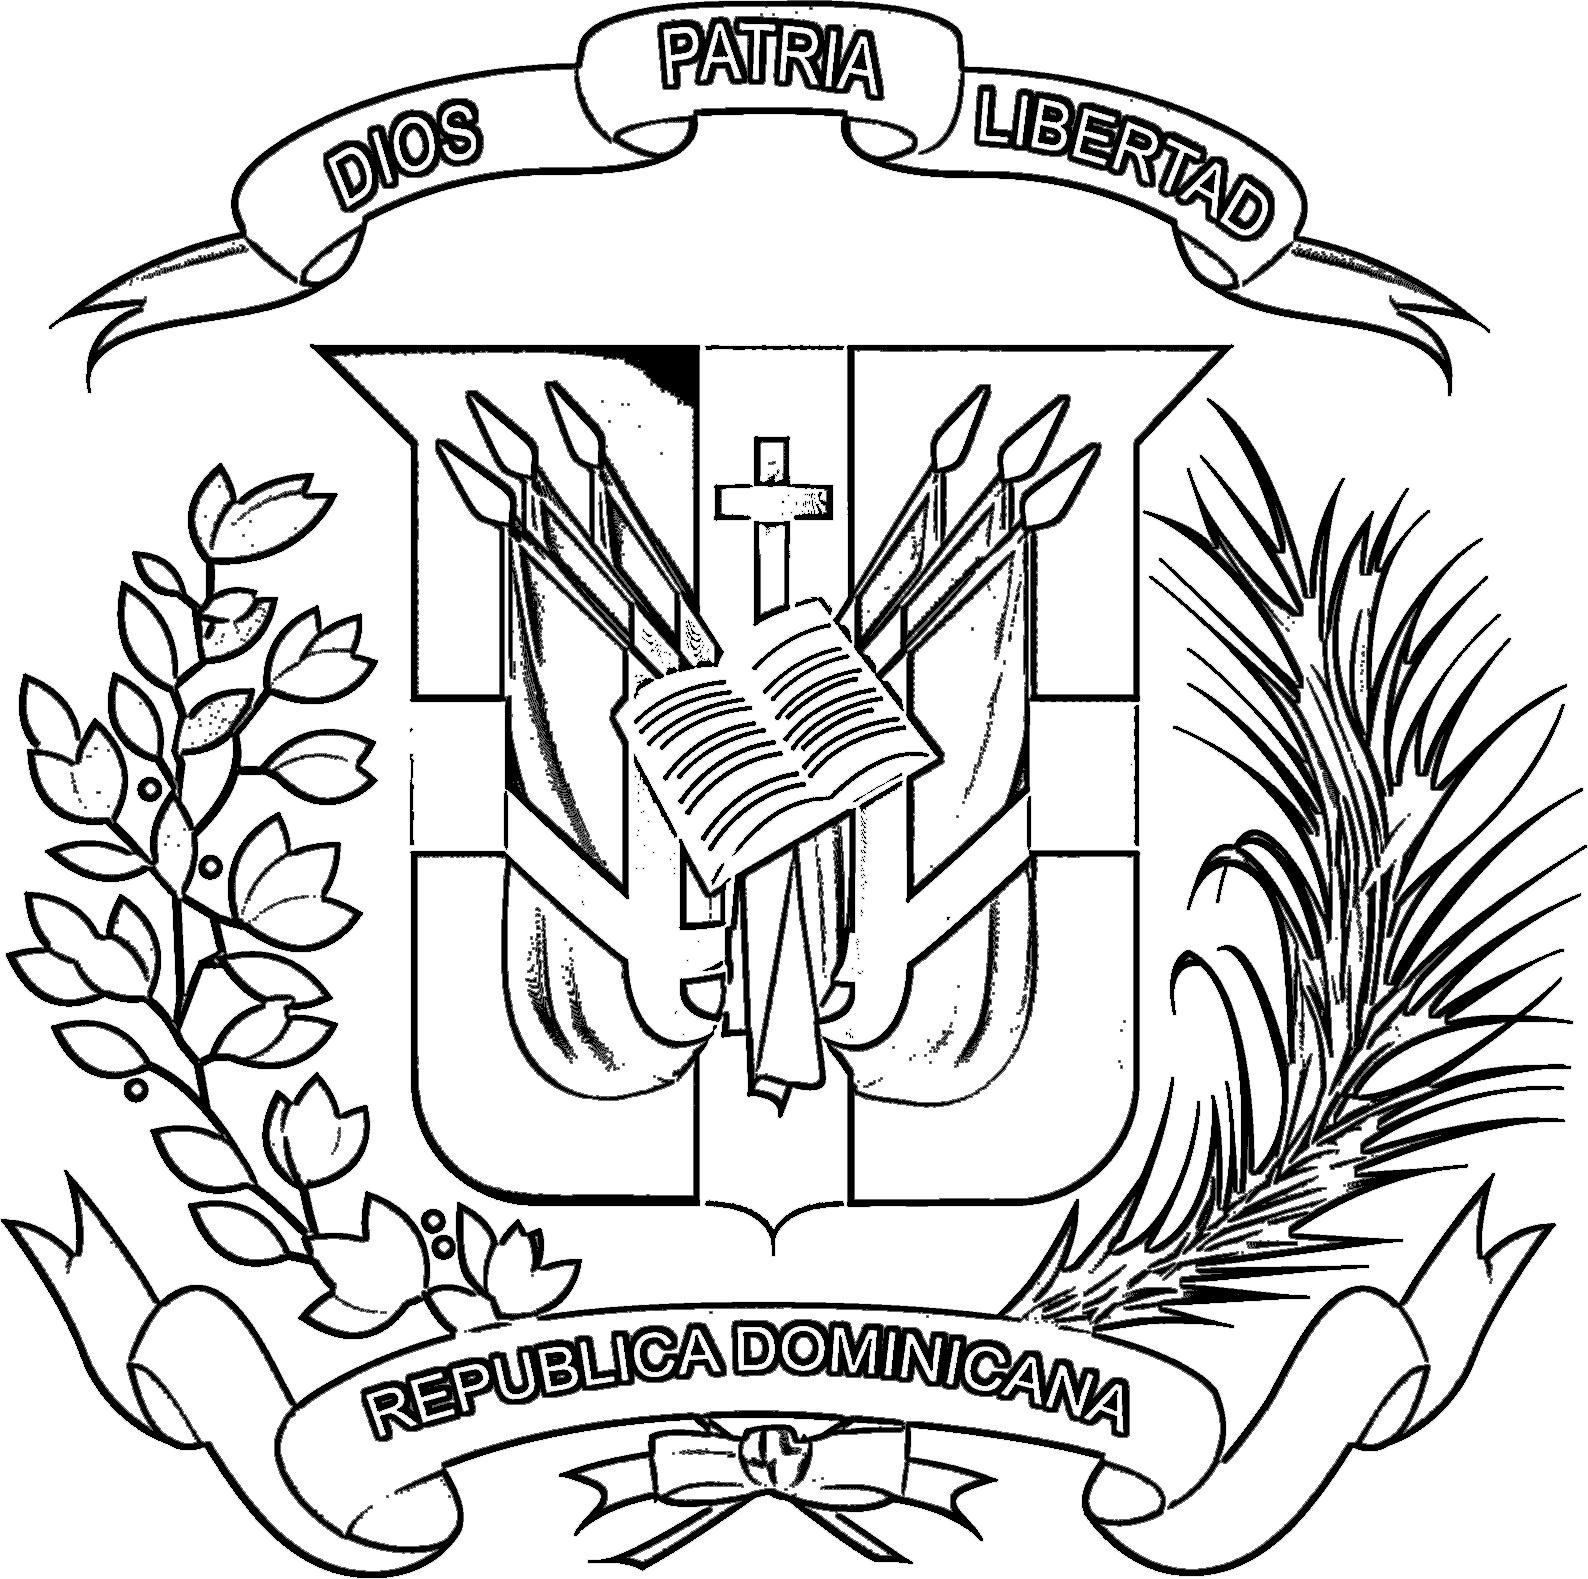 Escudo De Republica Dominicana Para Dibujar Pintar Colorear Imprimir